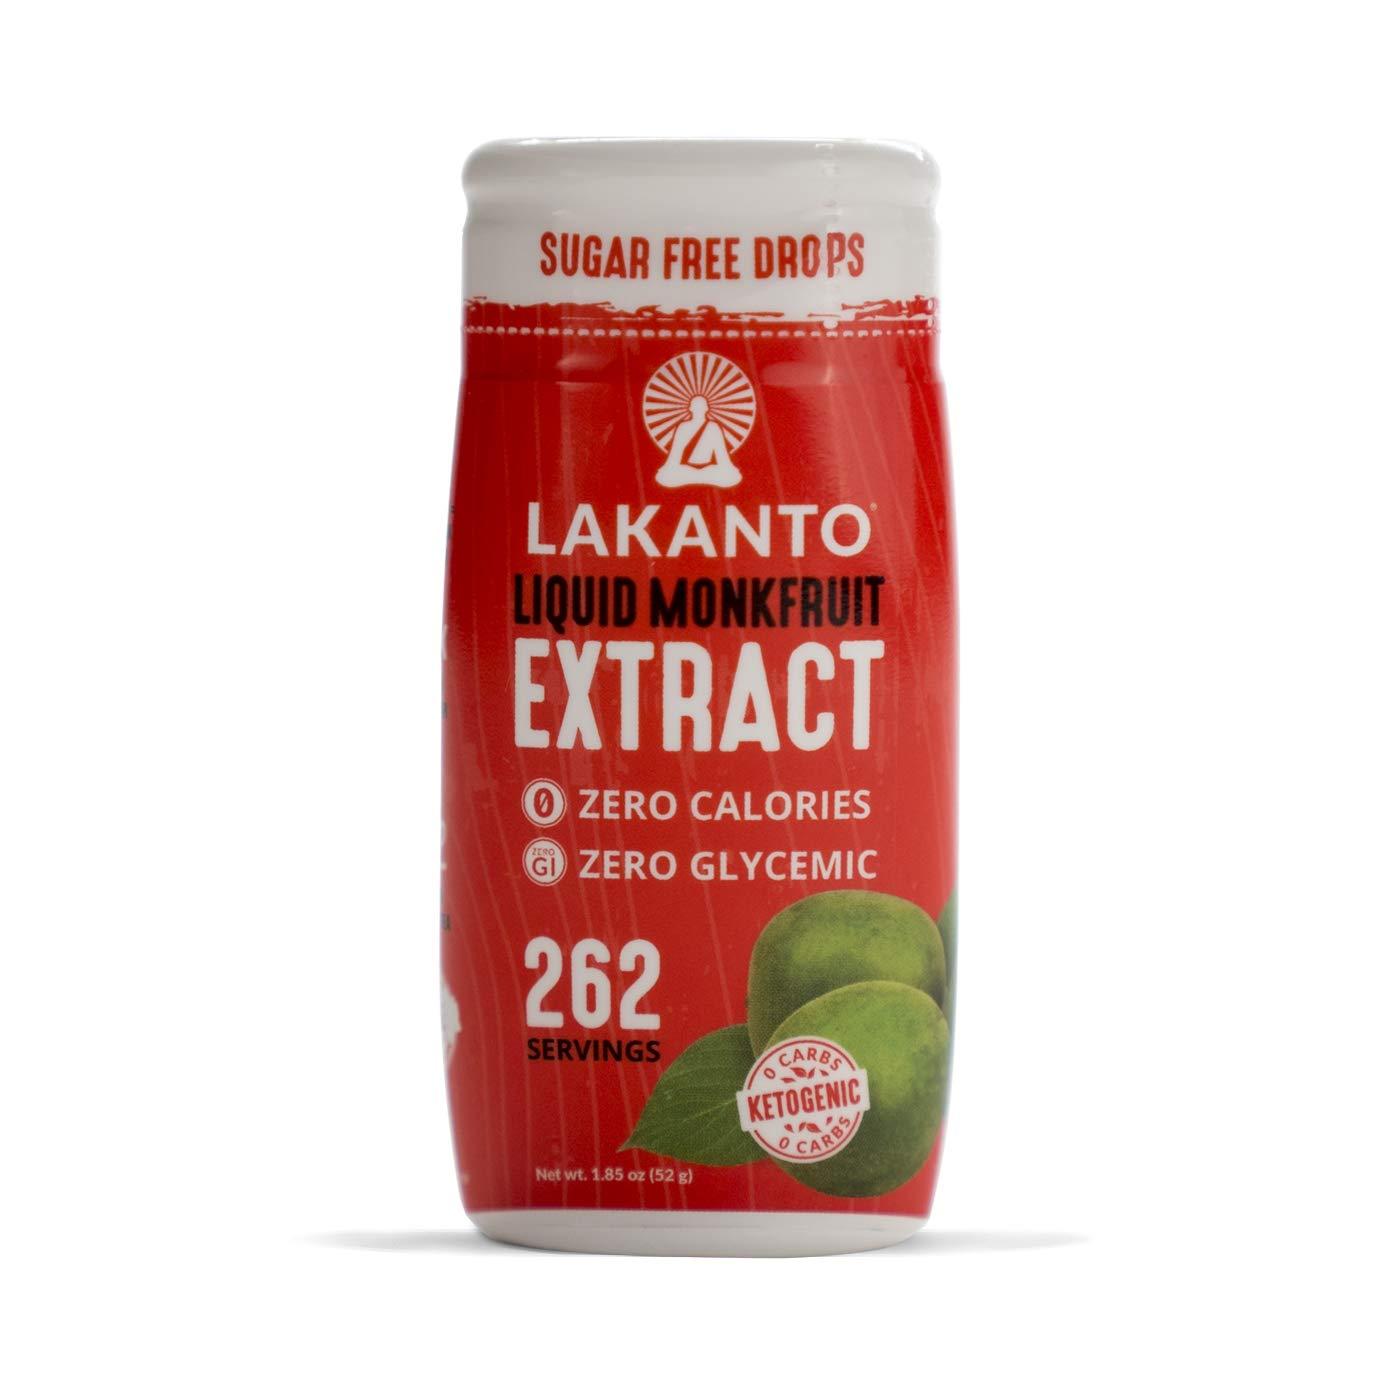 Lakanto Liquid Monkfruit Sweetener | Zero Calories | Original Flavor